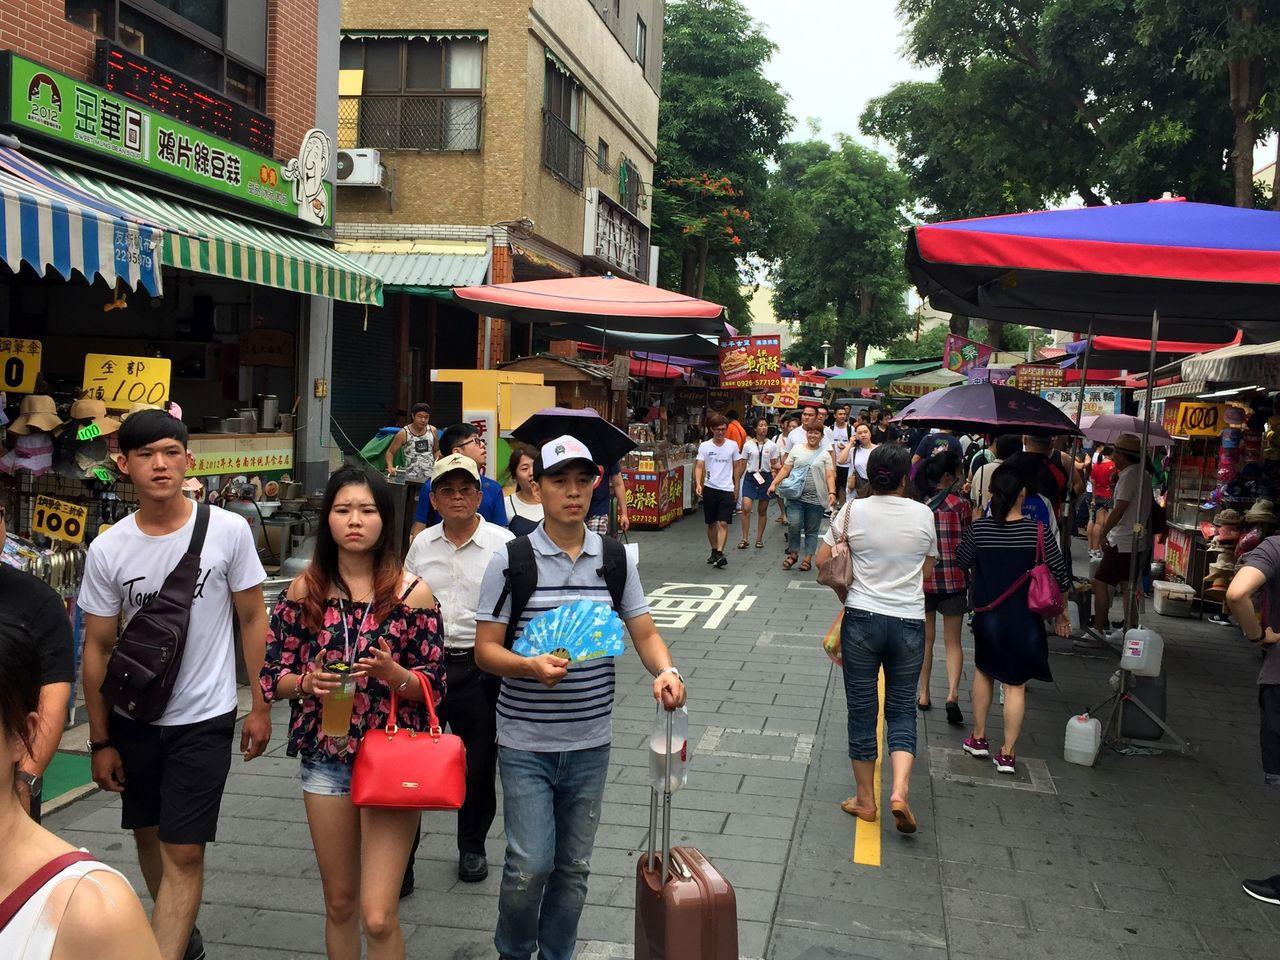 國慶連續假期第二天,不少外地遊客到安平老街遊玩。記者邵心杰/攝影